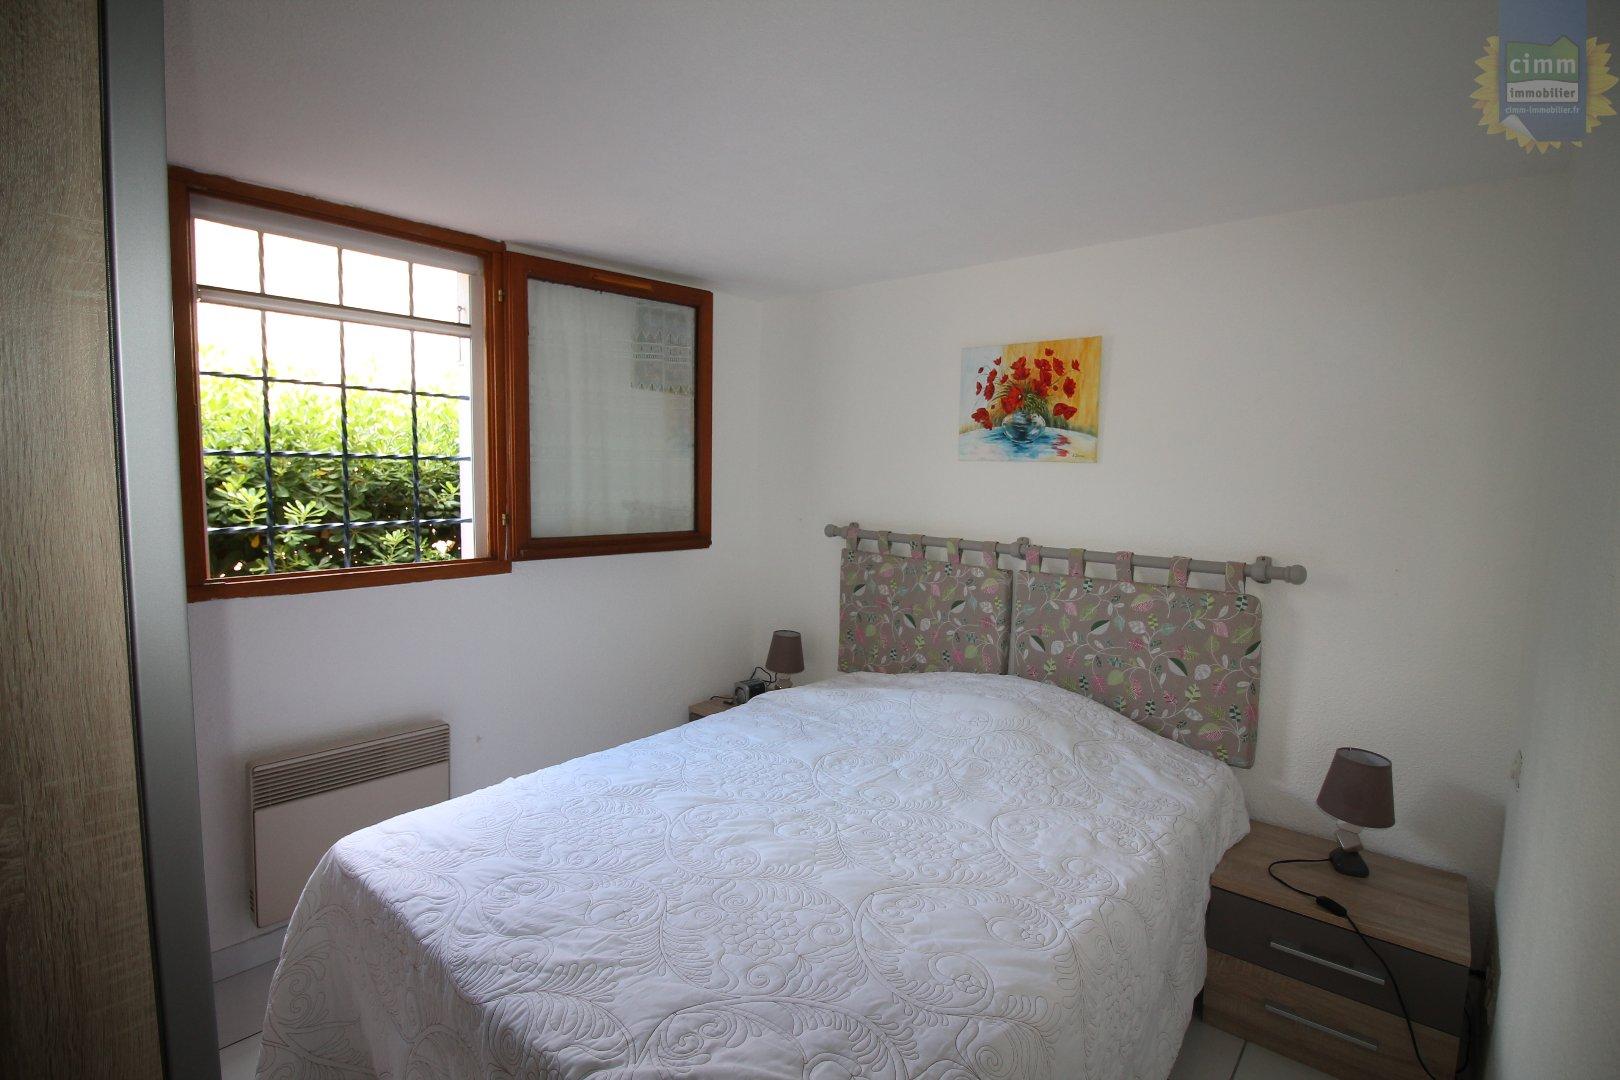 IMMOPLAGE VALRAS-PLAGE, agence immobilière, vente, location et location vacances appartement et maison entre Agde/Sete et Narbonne, proche Béziers - Pavillon - VALRAS PLAGE - Location Vacances - 52m²